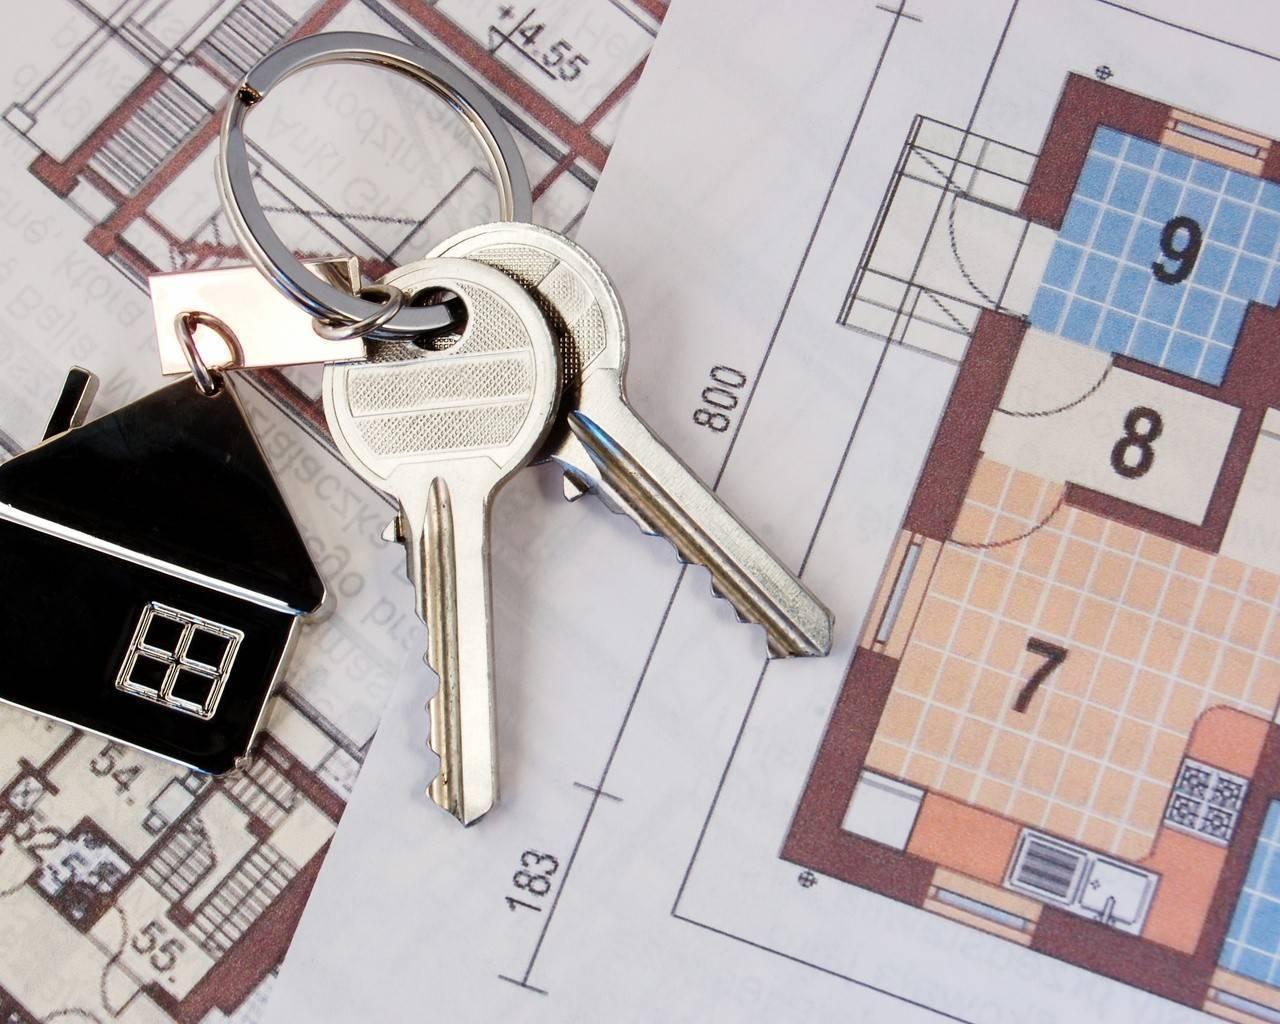 Для развития арендного жилья в Российской Федерации потребуется поменьшей мере 100 млрд руб.